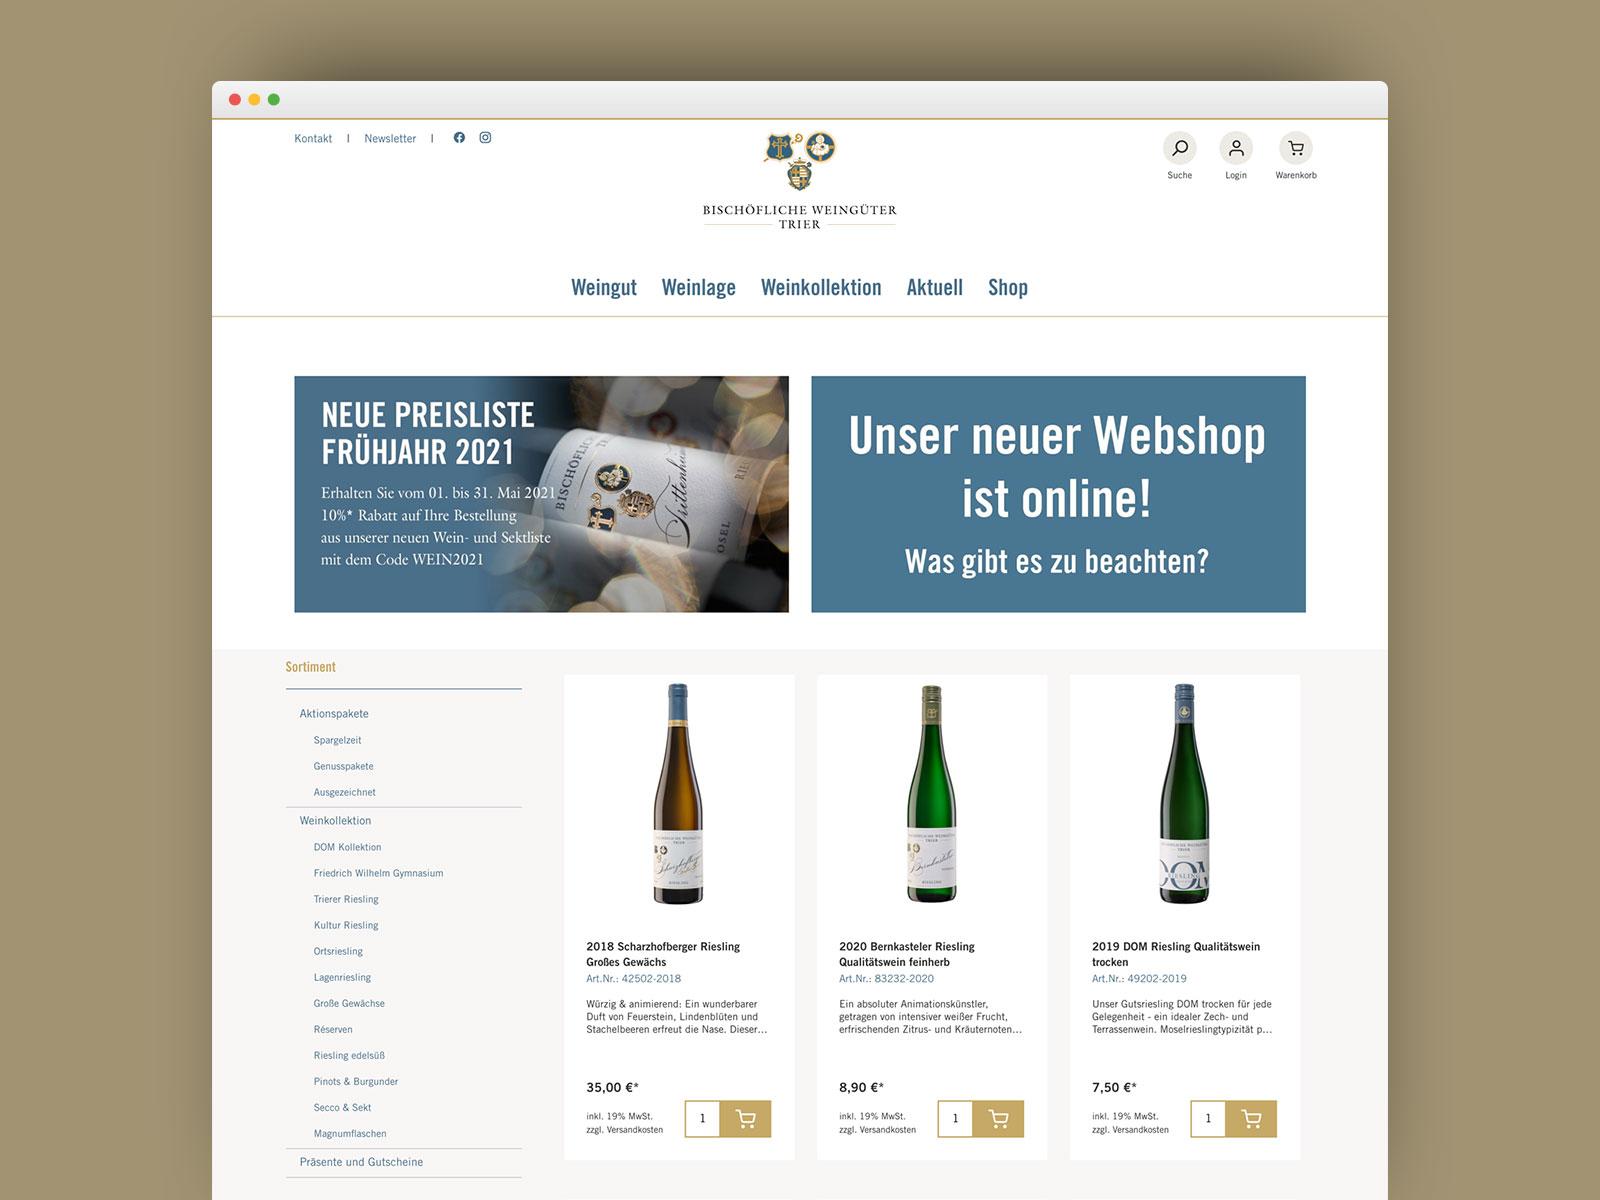 Webshop der Bischhöflichen Weingüter Trier